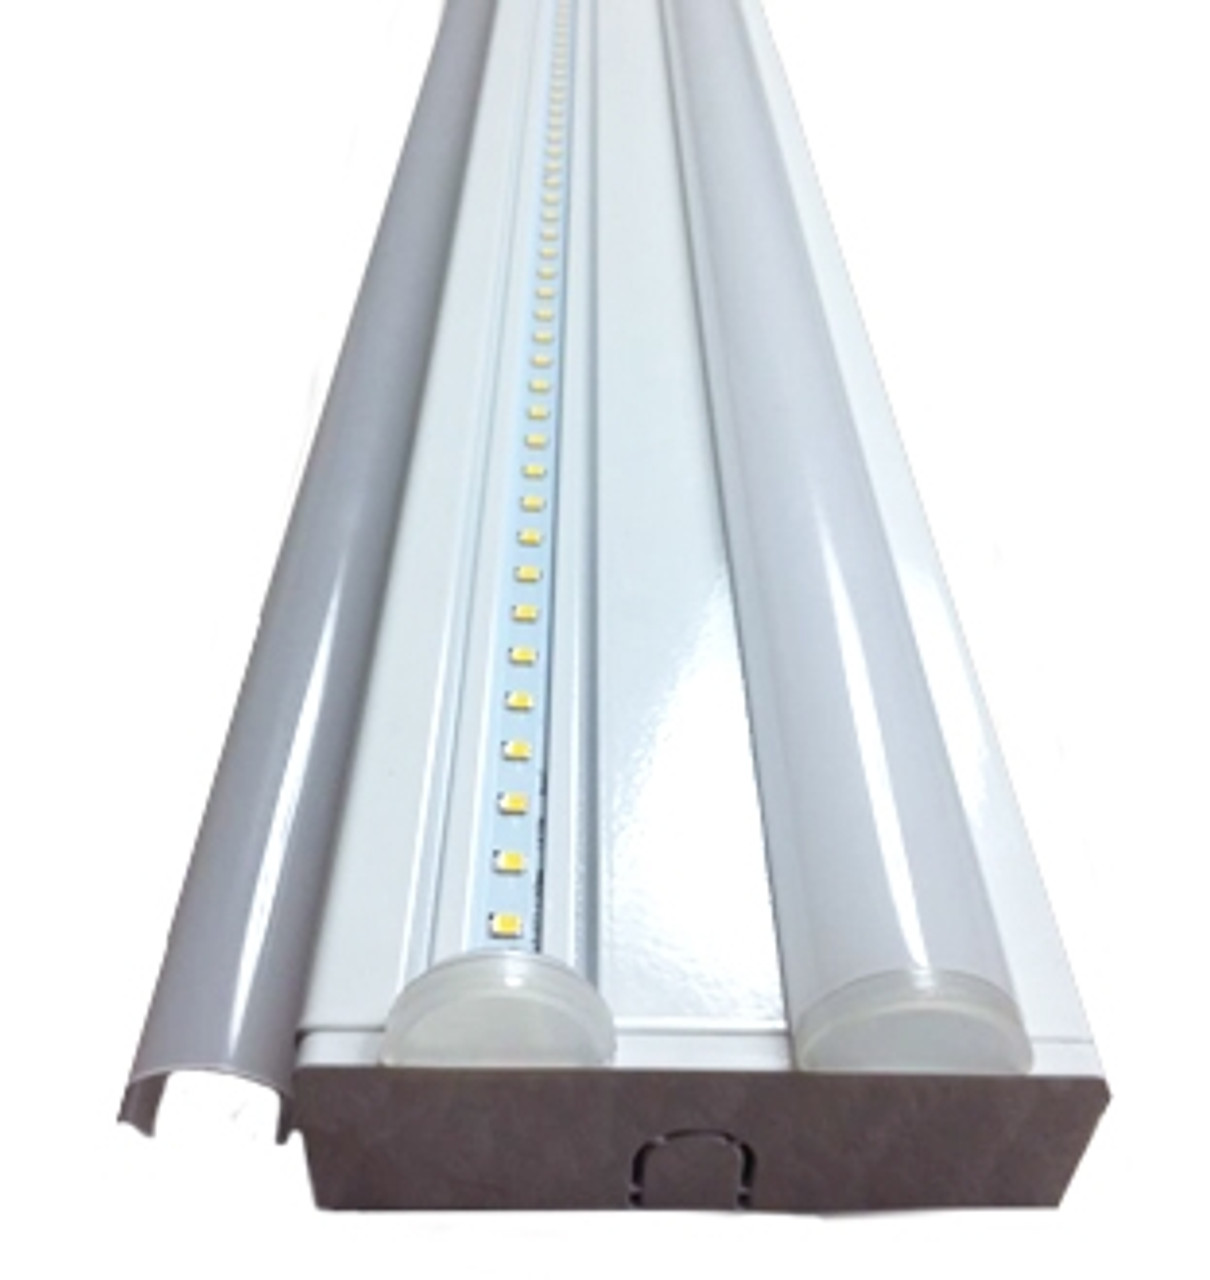 48 Watt LED Garage Shop Light Fixture